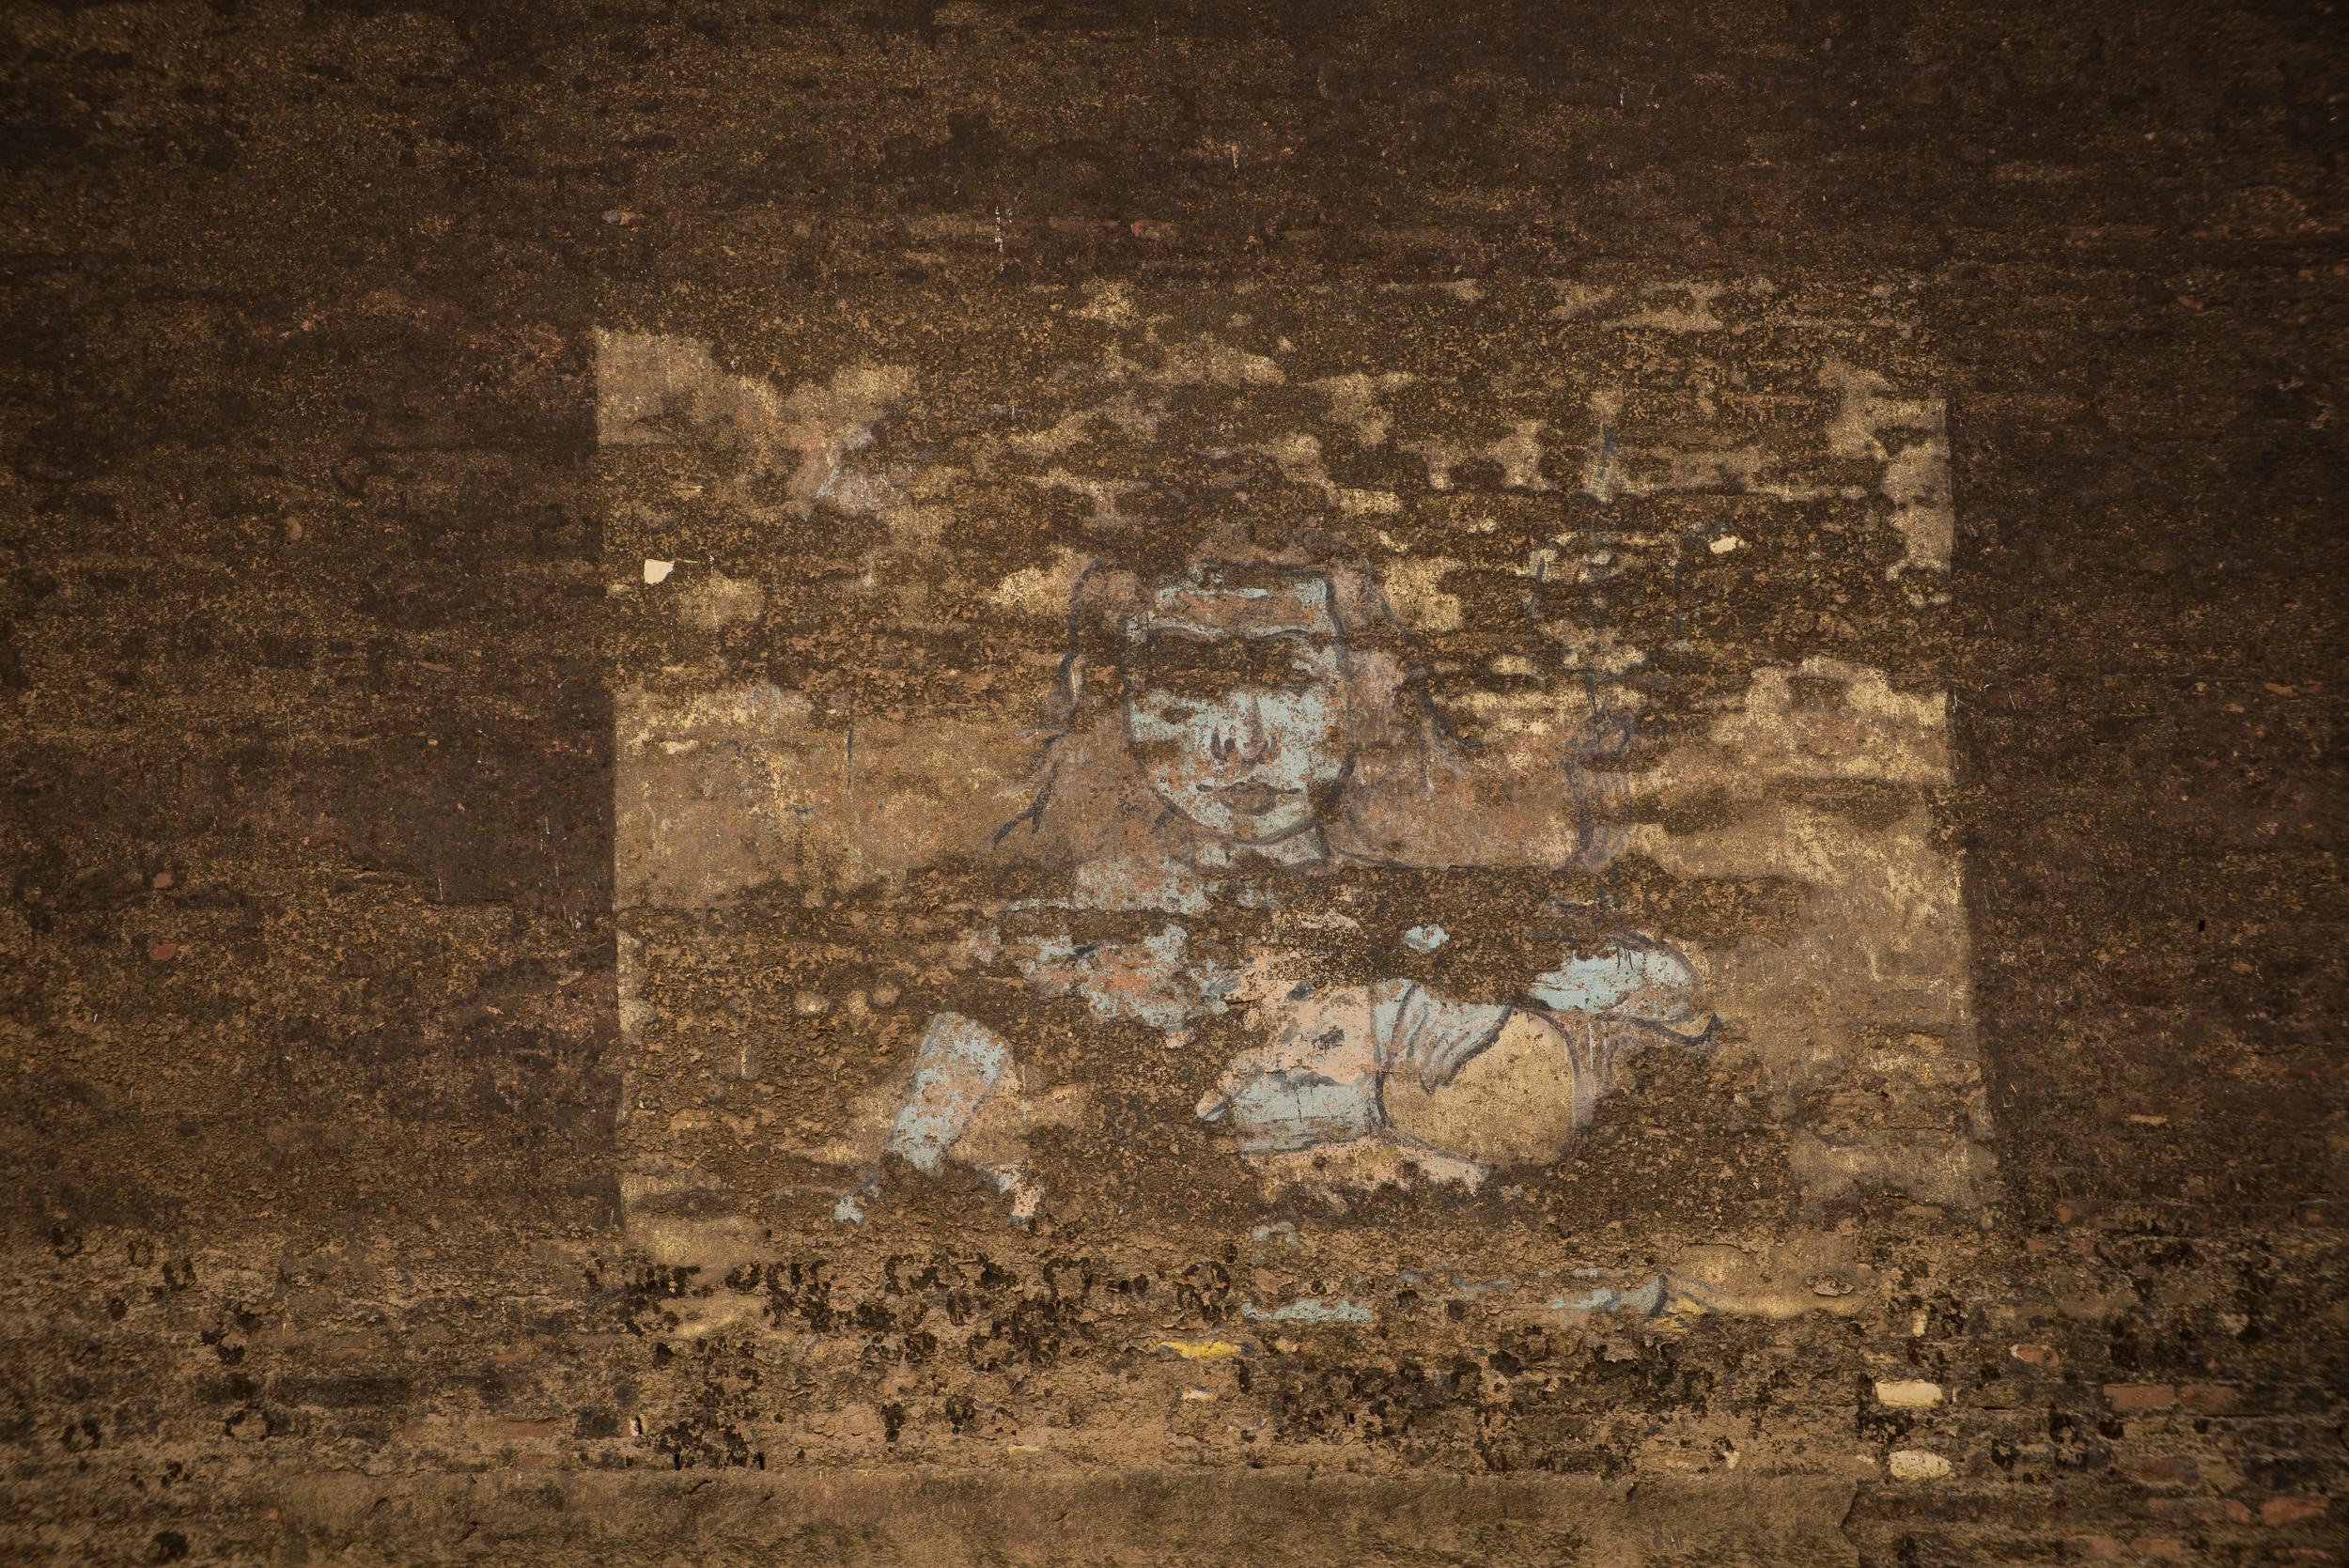 meyer-india-varanasi-32.jpg